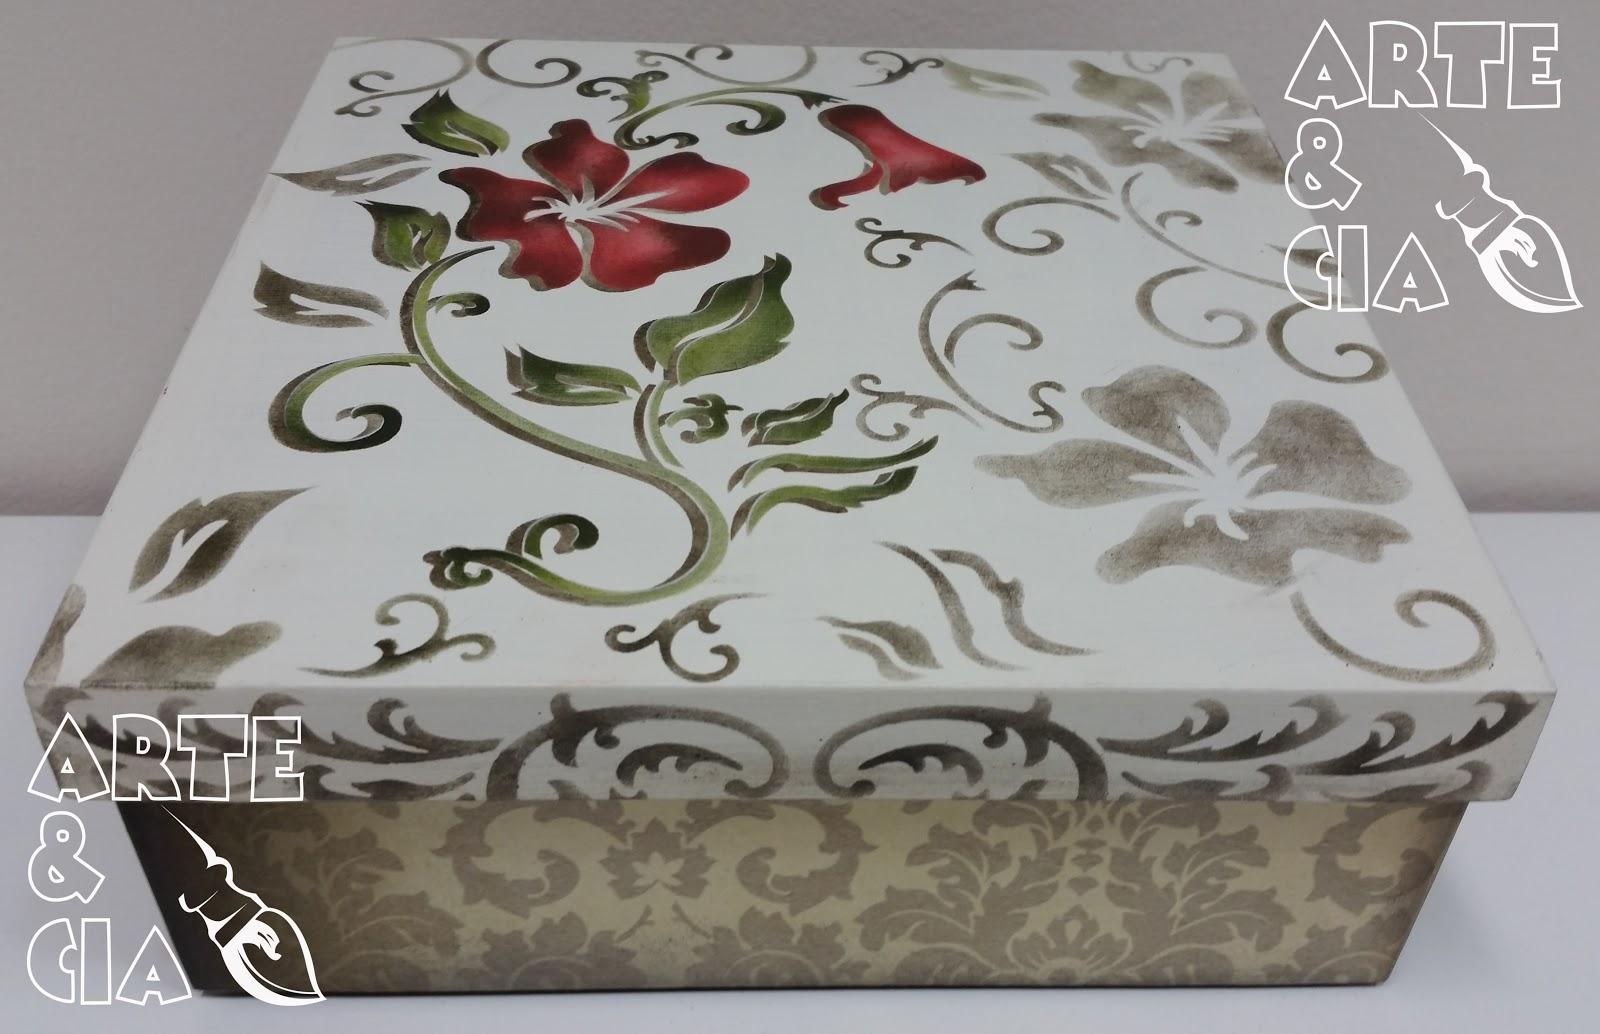 Caixa de MDF com Stencil Duplo Flor Vermelha Arte & Cia Arte  #65433C 1600x1034